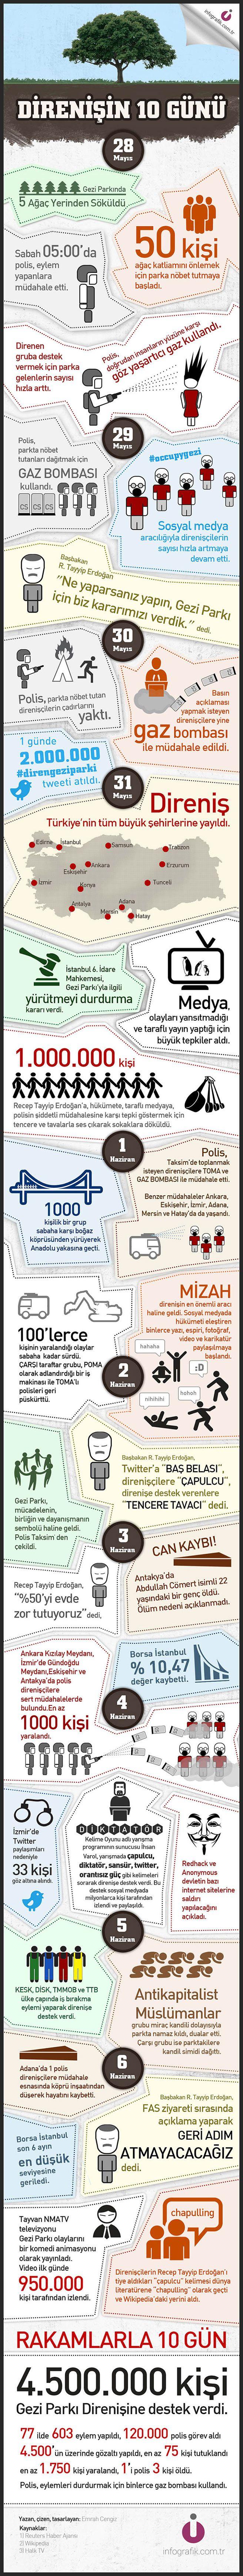 Gezi Parkı Direnişinin 10 Günü #direngeziparki #infographic